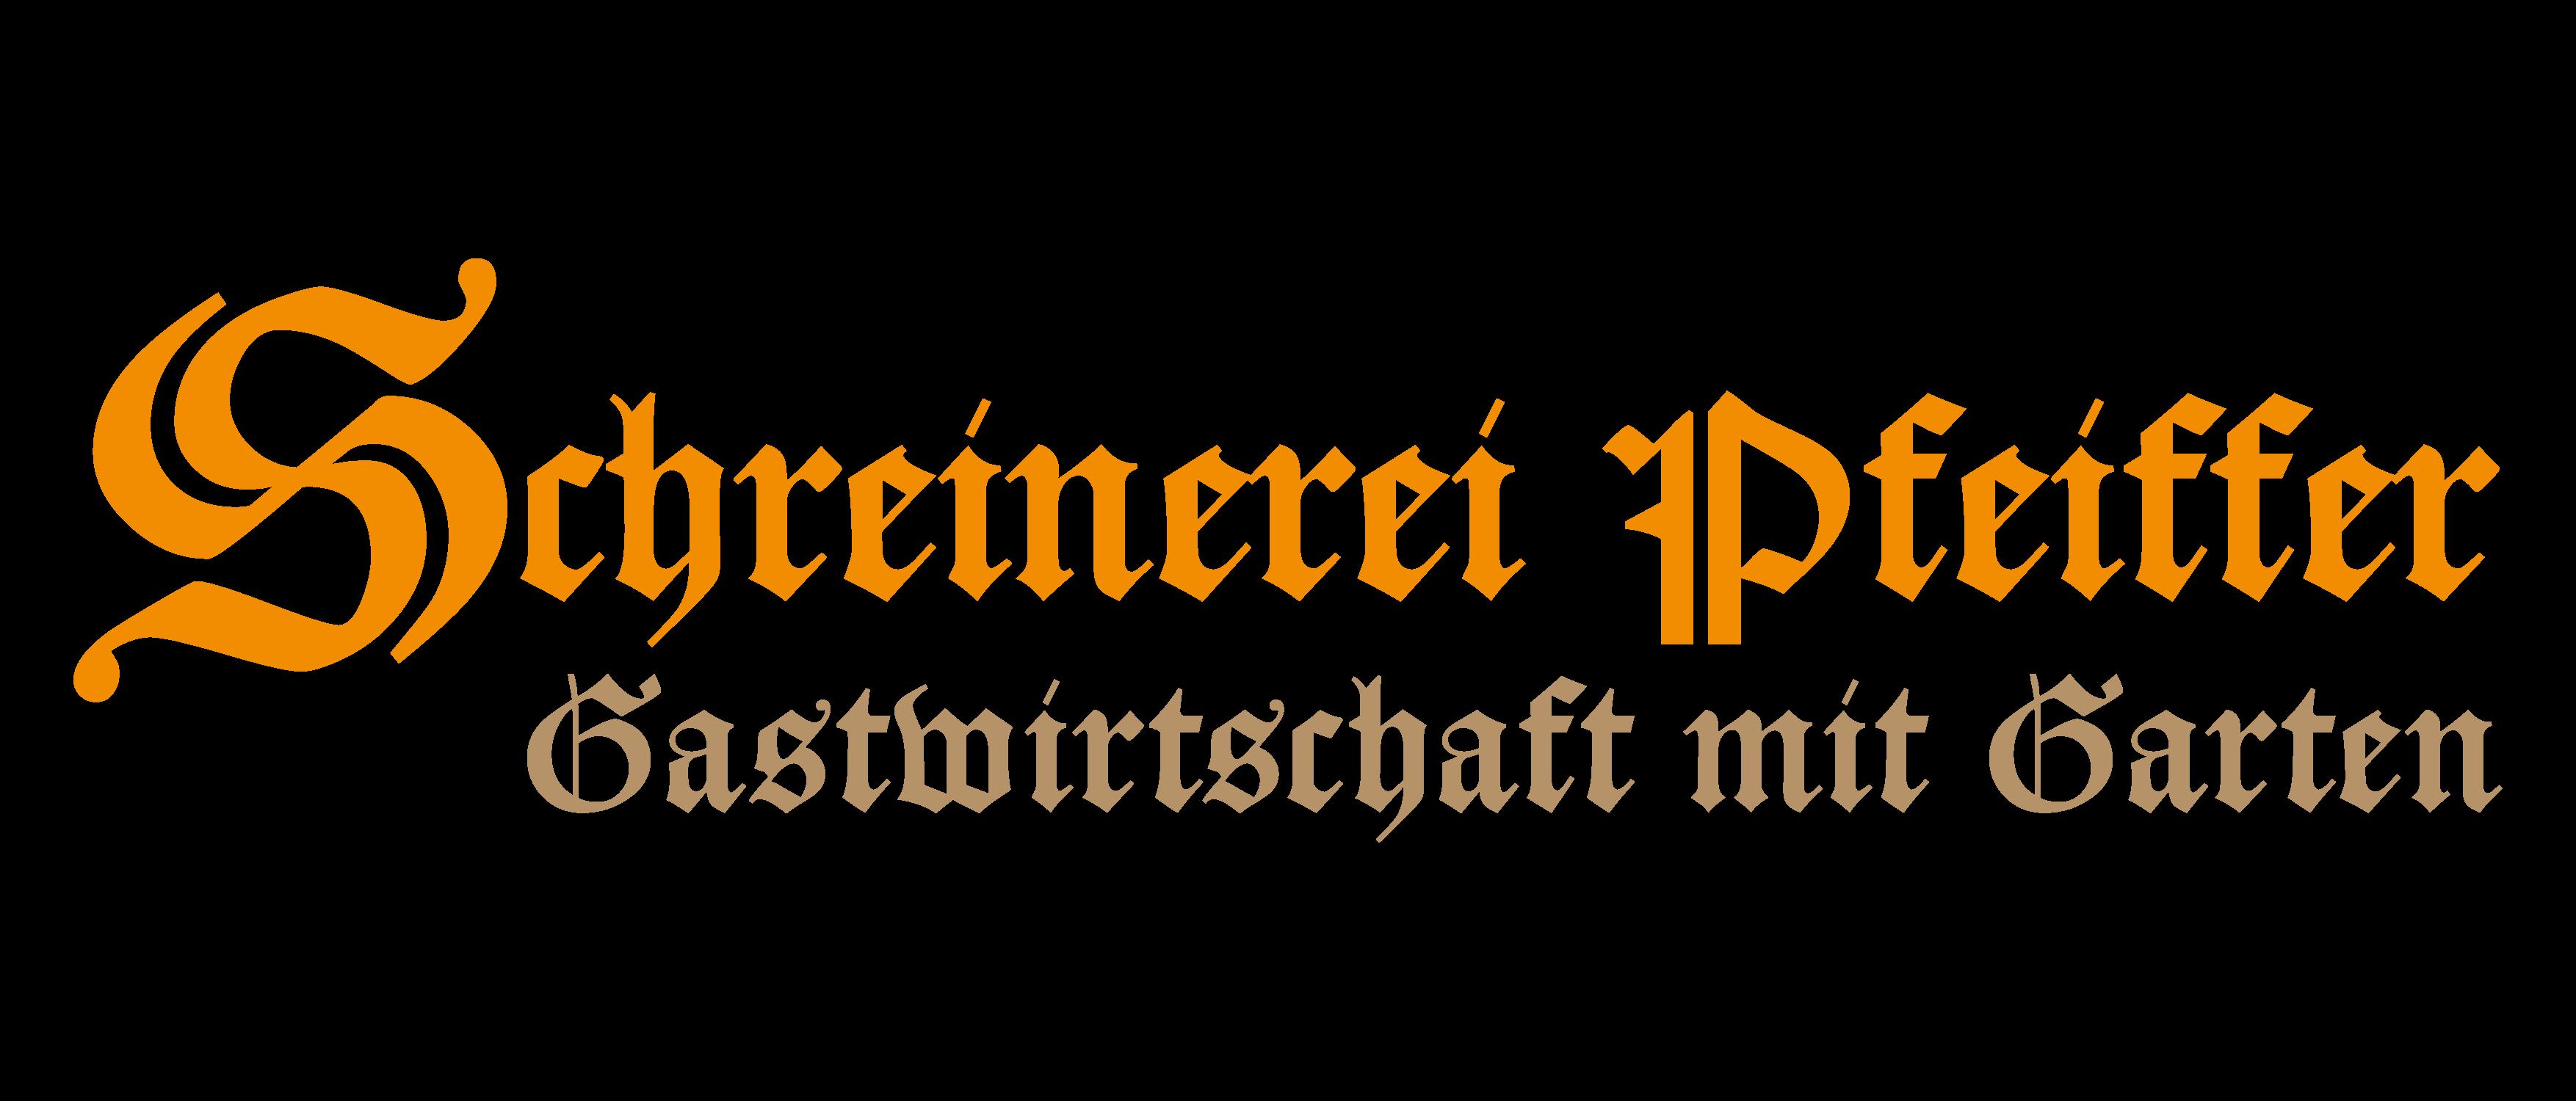 Schreinerei Pfeiffer Bad Homburg